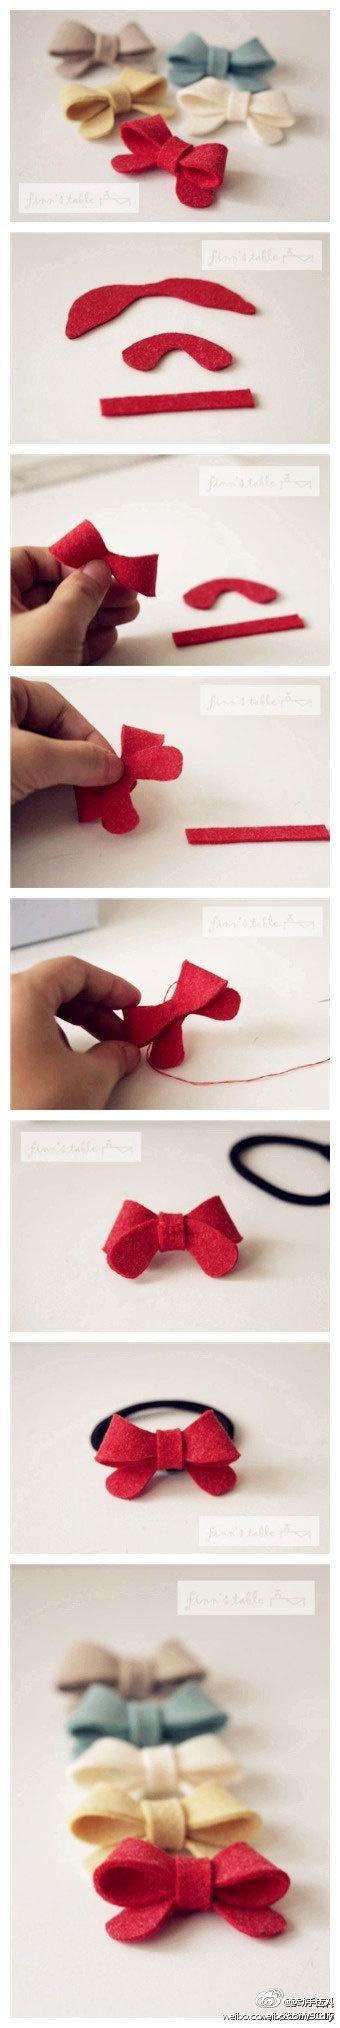 Mãos para o povo de Sina microblog microblog - a qualquer hora, em qualquer lugar para compartilhar cerca de desconhecido